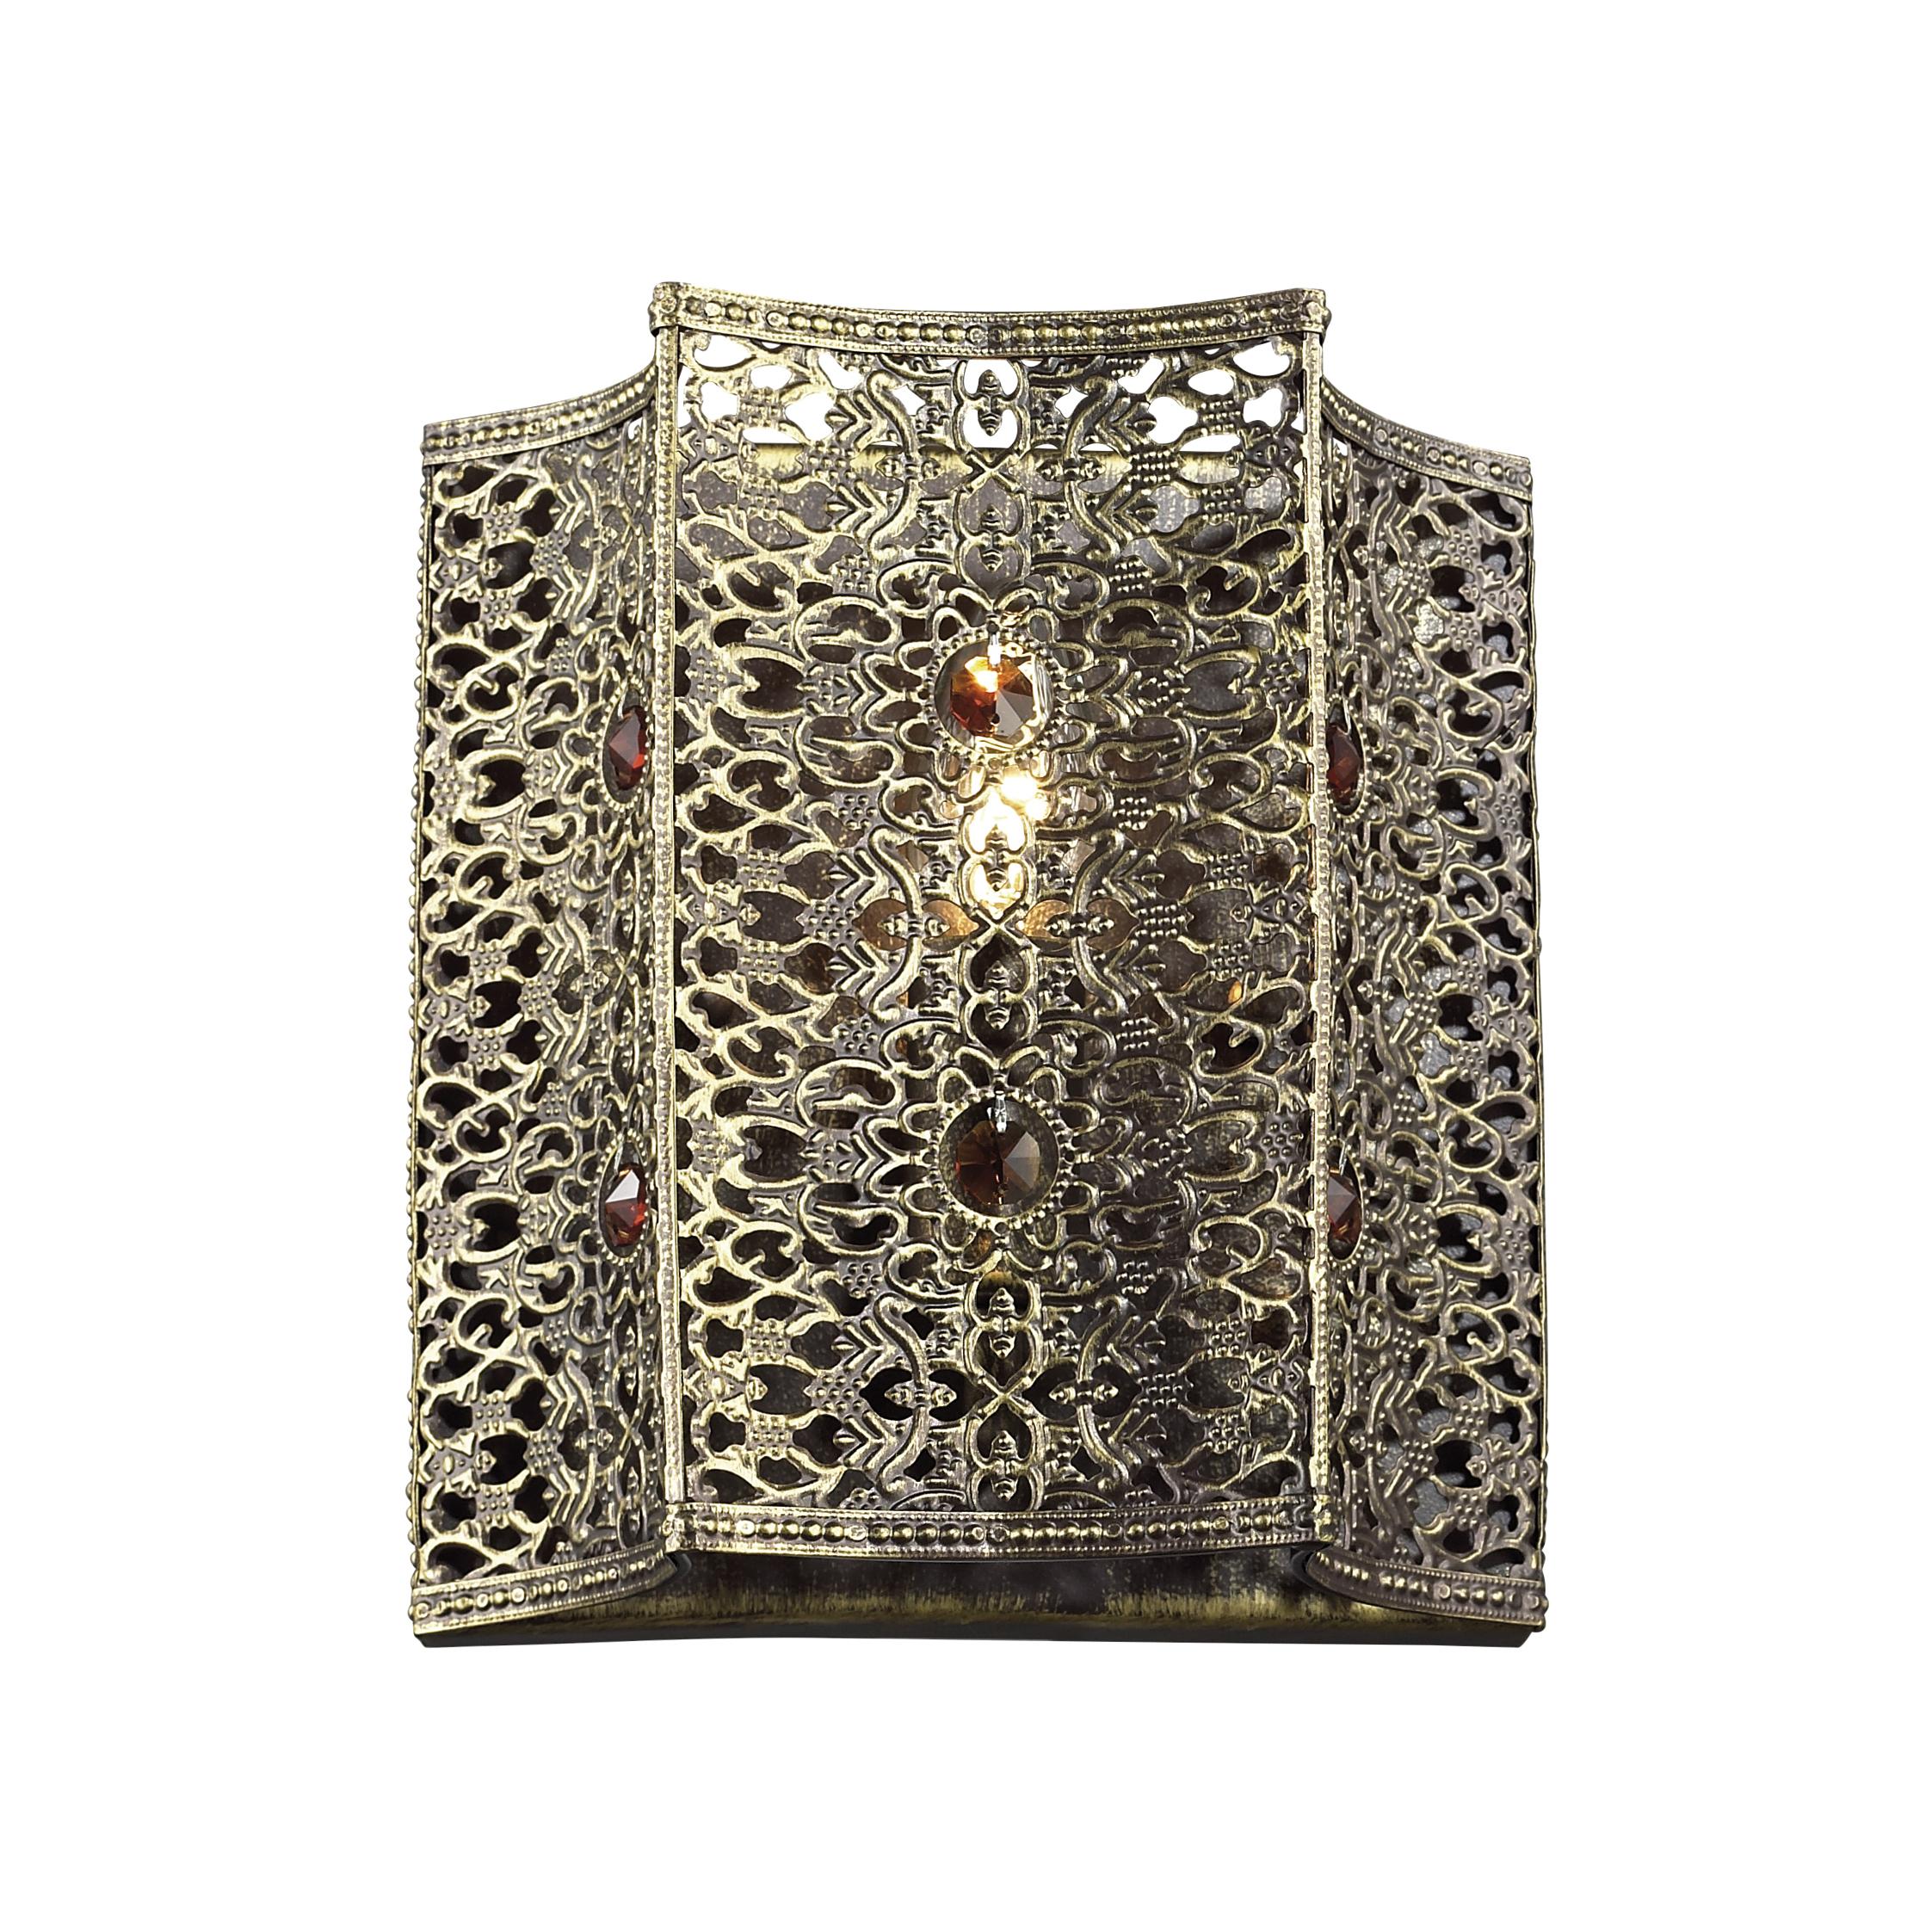 Настенный светильник Favourite Bazar 1624-1W, 1xE14x40W, черненое золото, коньячный, металл со стеклом/хрусталем - фото 1